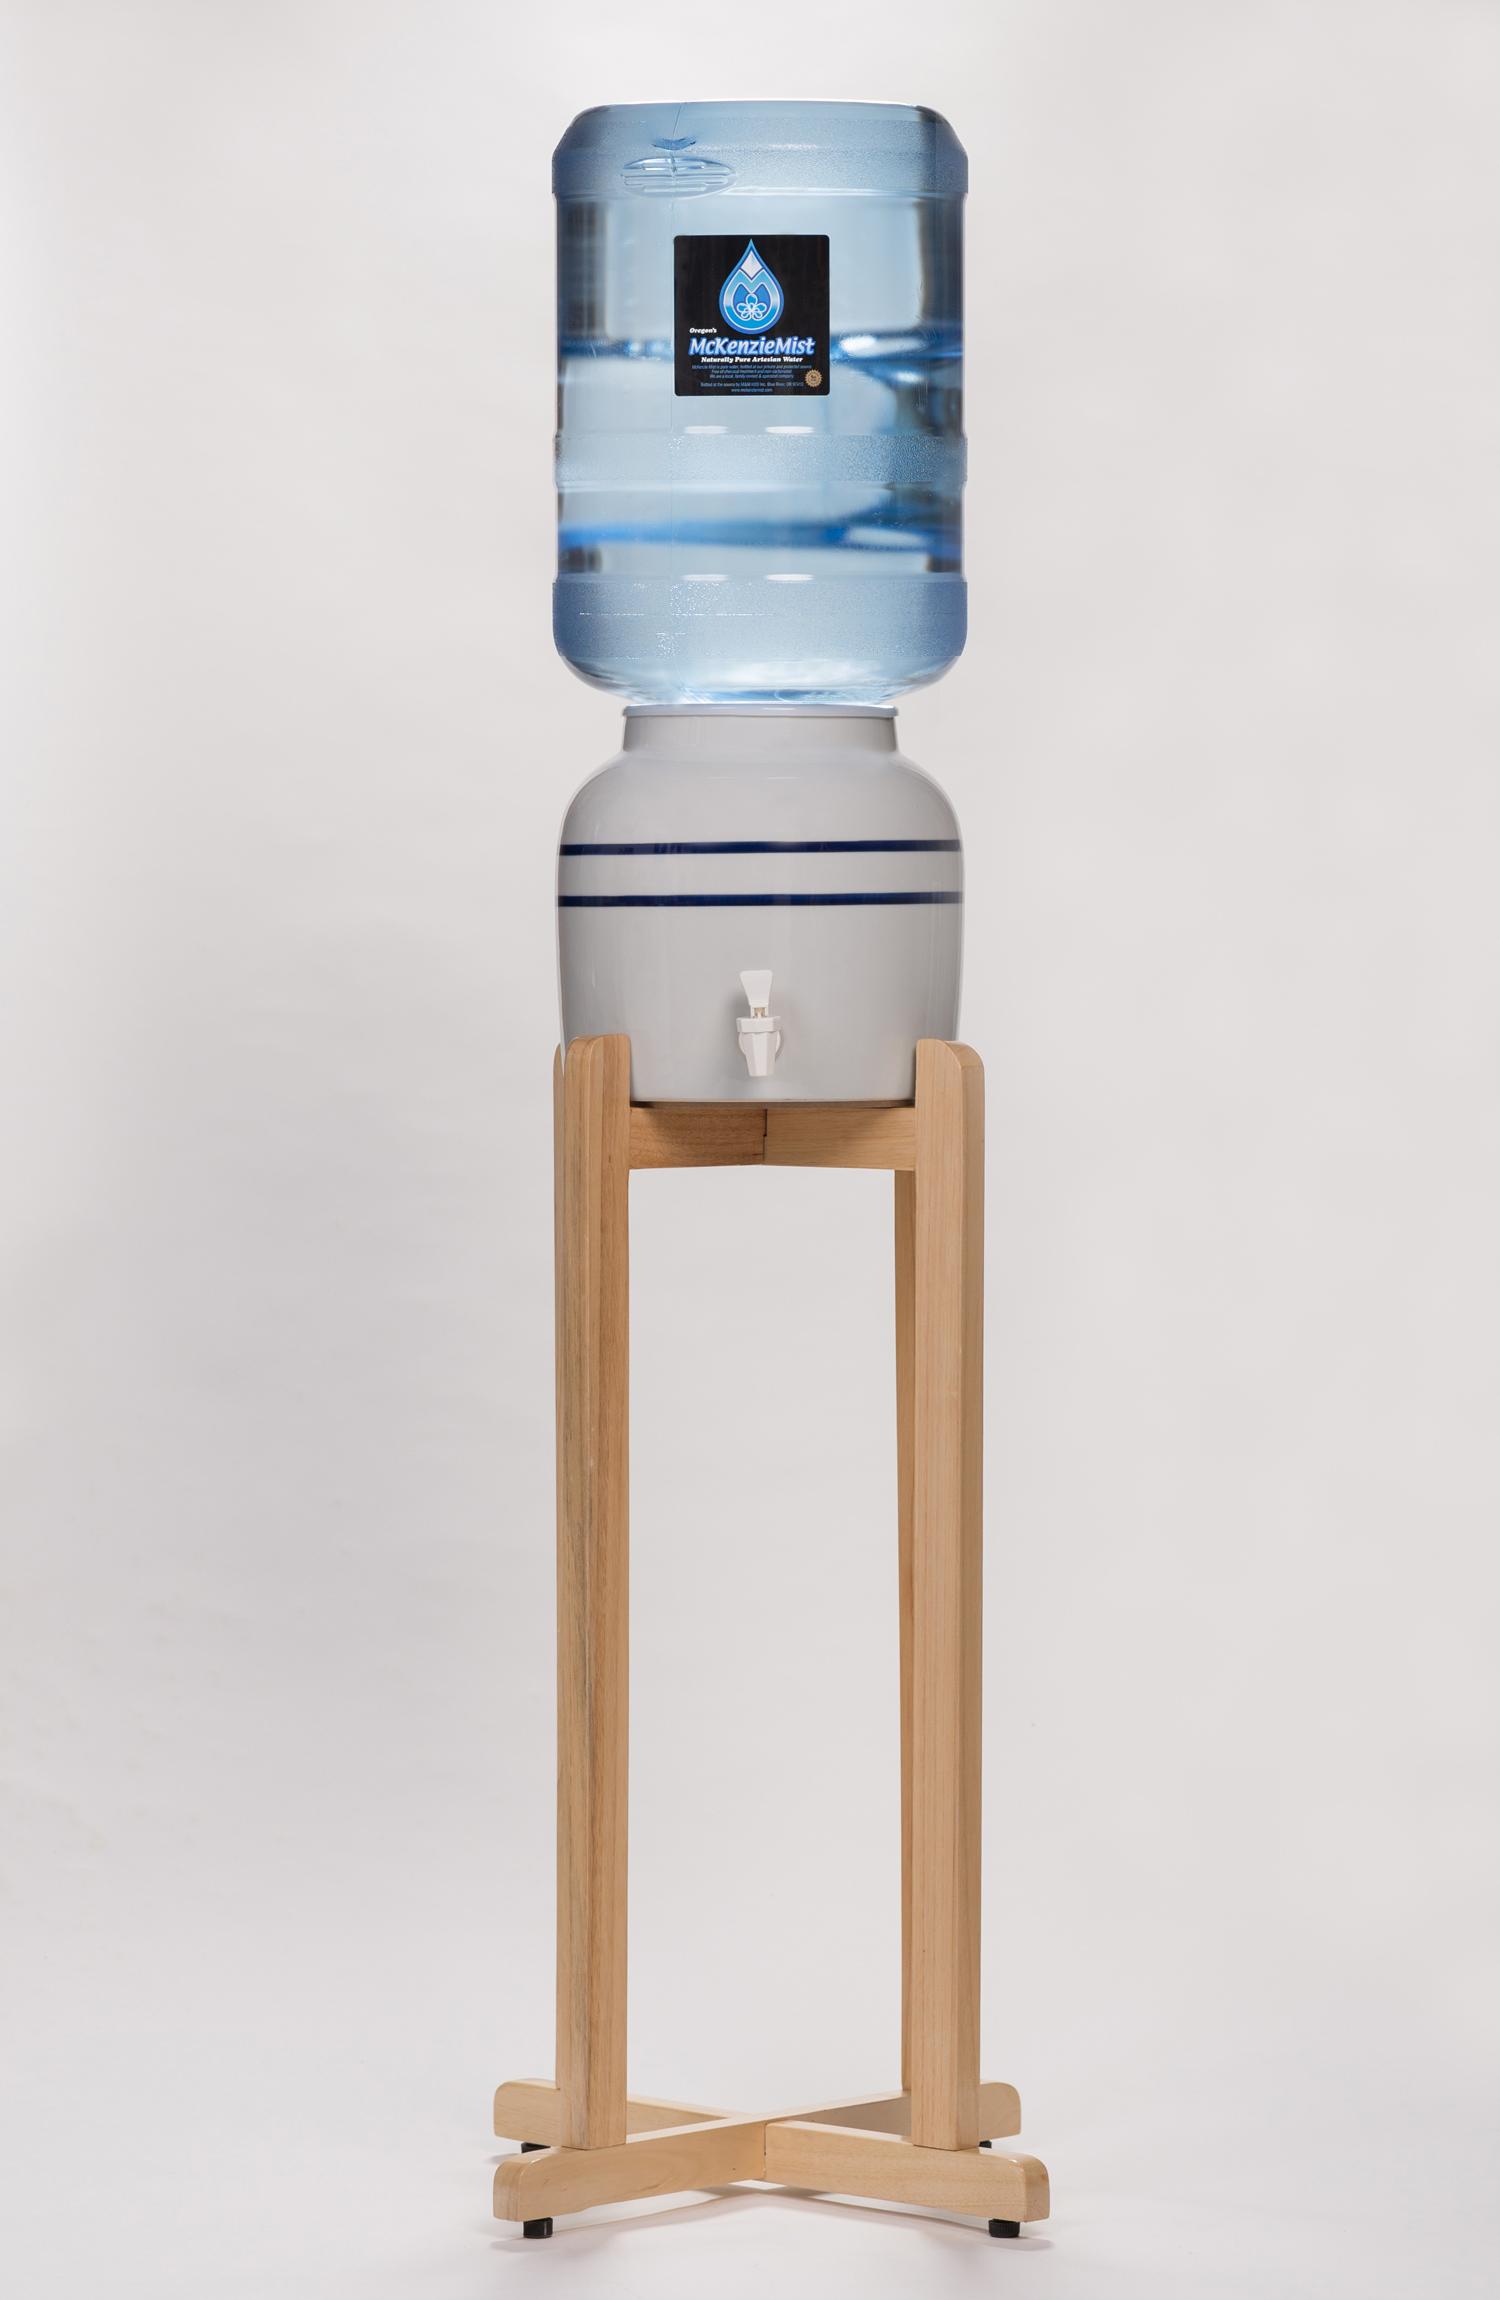 mmist-wceramic-disp-1500-w.jpg